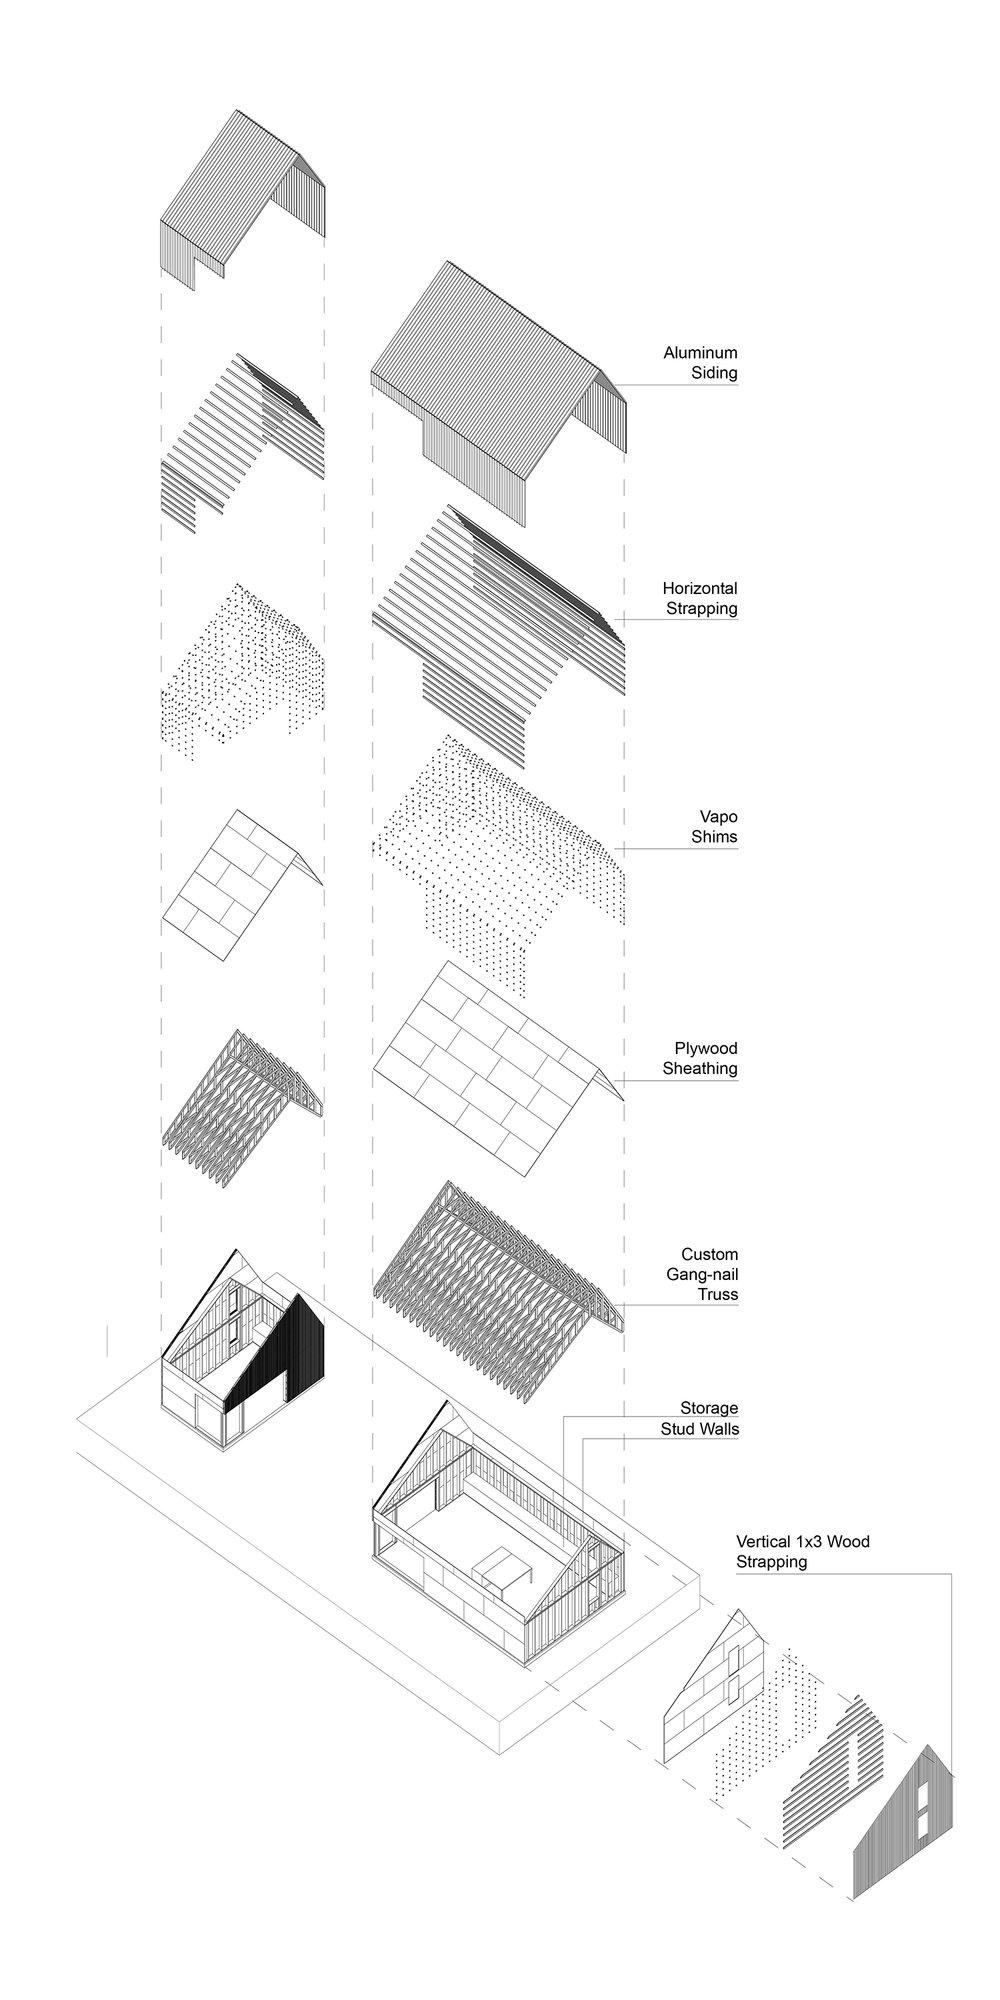 Editable Joinery Shops Axo_10x20_18.09.04 (1).jpg